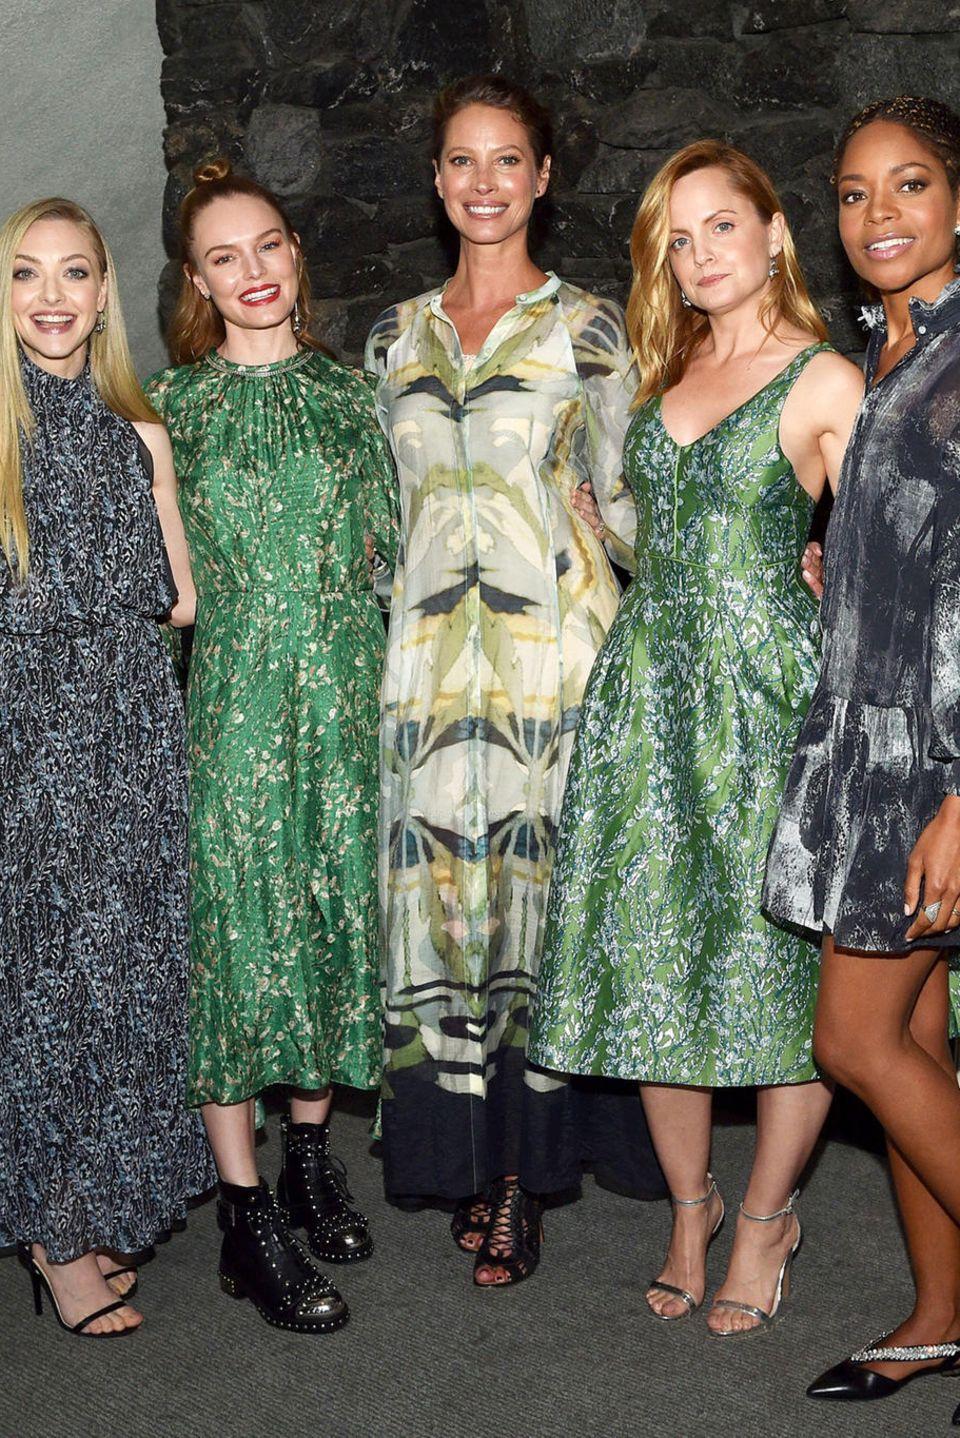 5. April 2018  Schönheit mal 5:Amanda Seyfried, Kate Bosworth, Christy Turlington, Mena Suvari und Naomie Harris (v.l.) feiern in Los Angeles gemeinsam den Launch der neuen Conscious Exklusive Collection von H&M.